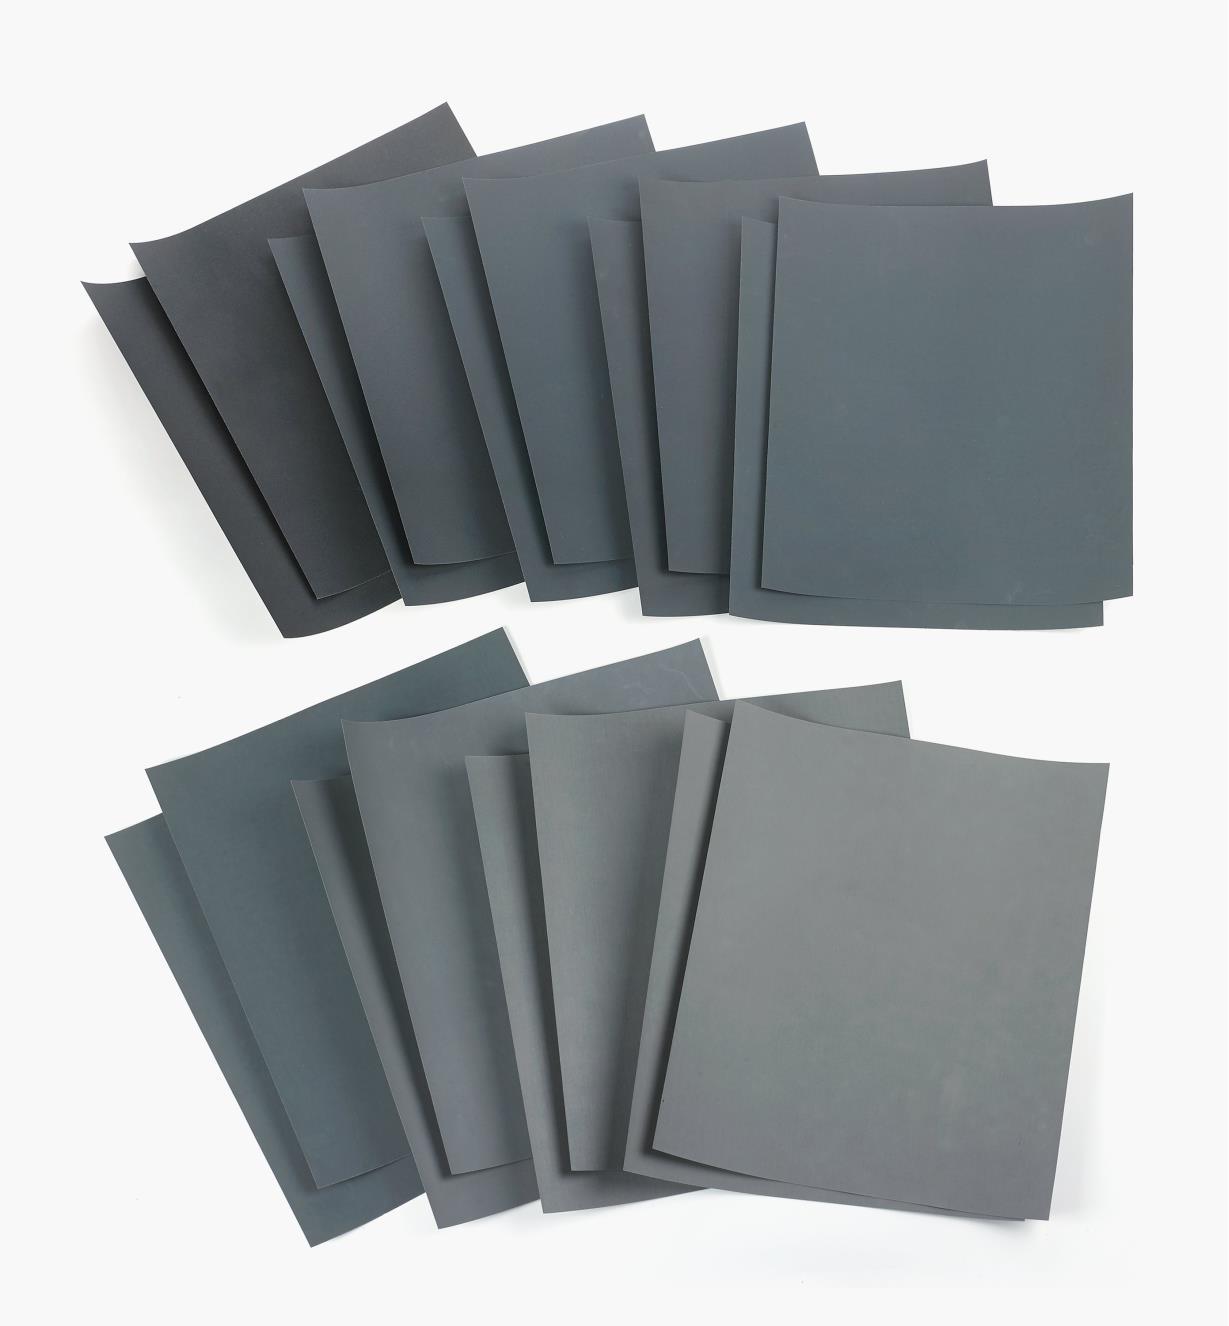 55K9390 - 18-Pc. Wet-Dry Sandpaper Sampler (320x-2500x)